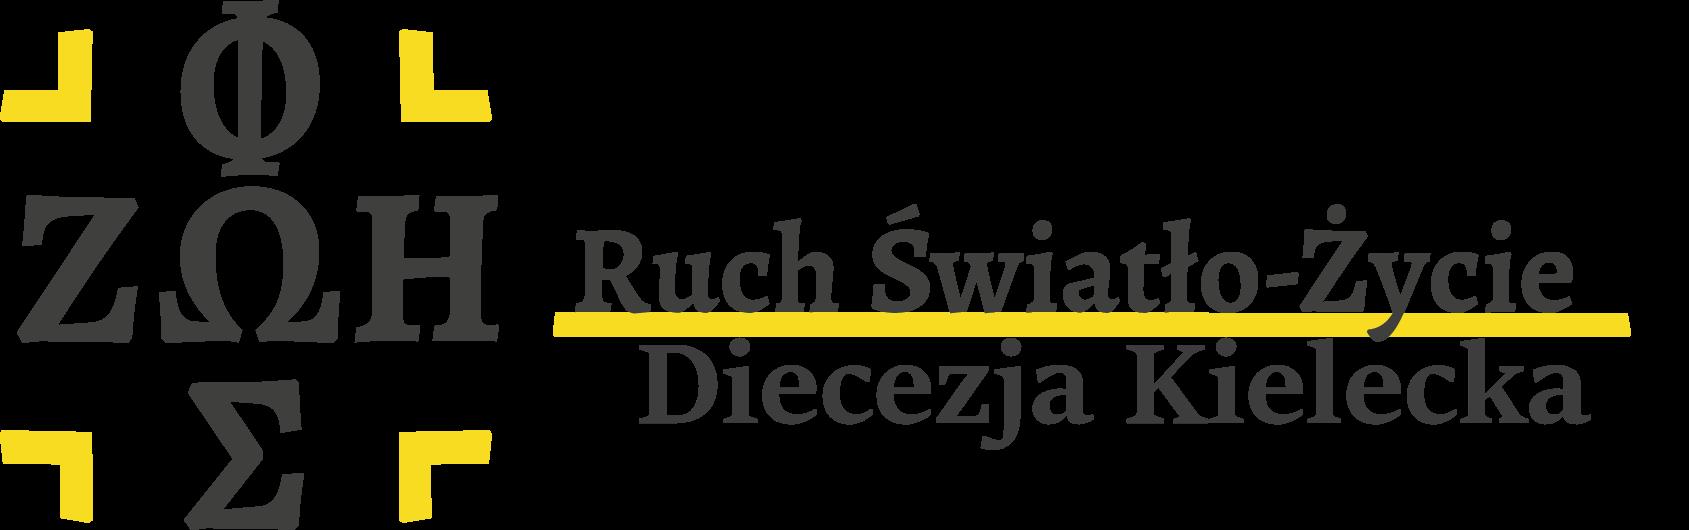 Ruch Światło-Życie Diecezji Kieleckiej